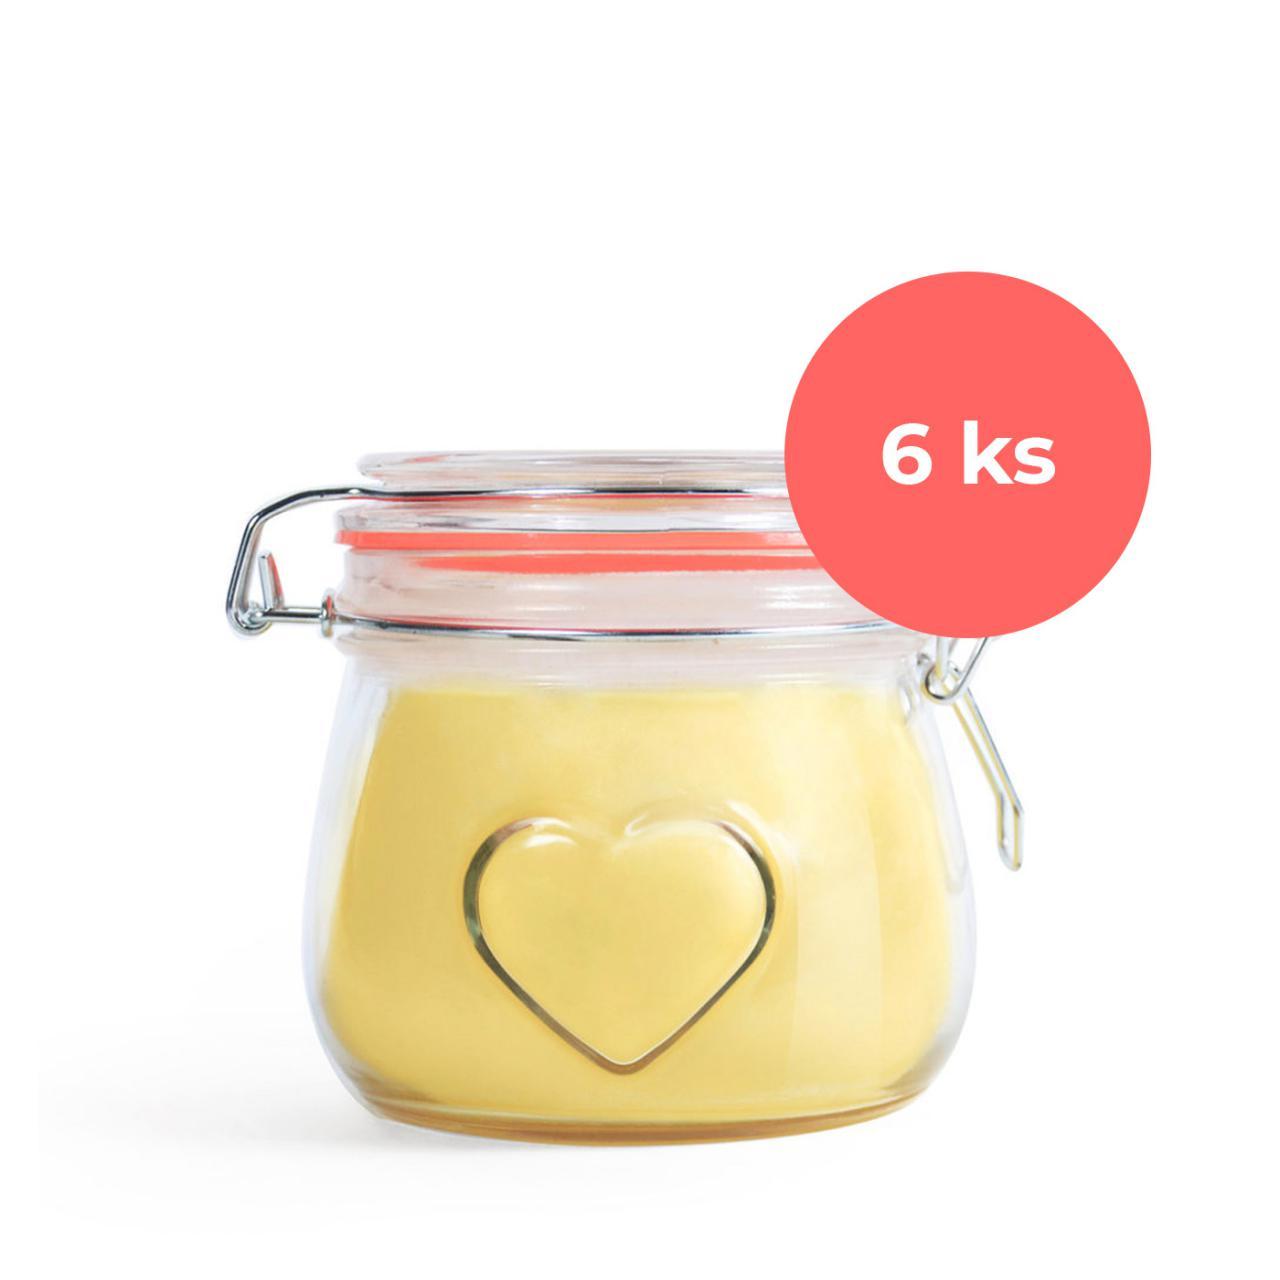 Ghí přepuštěné máslo Srdce 500ml čisté - karton 6ks